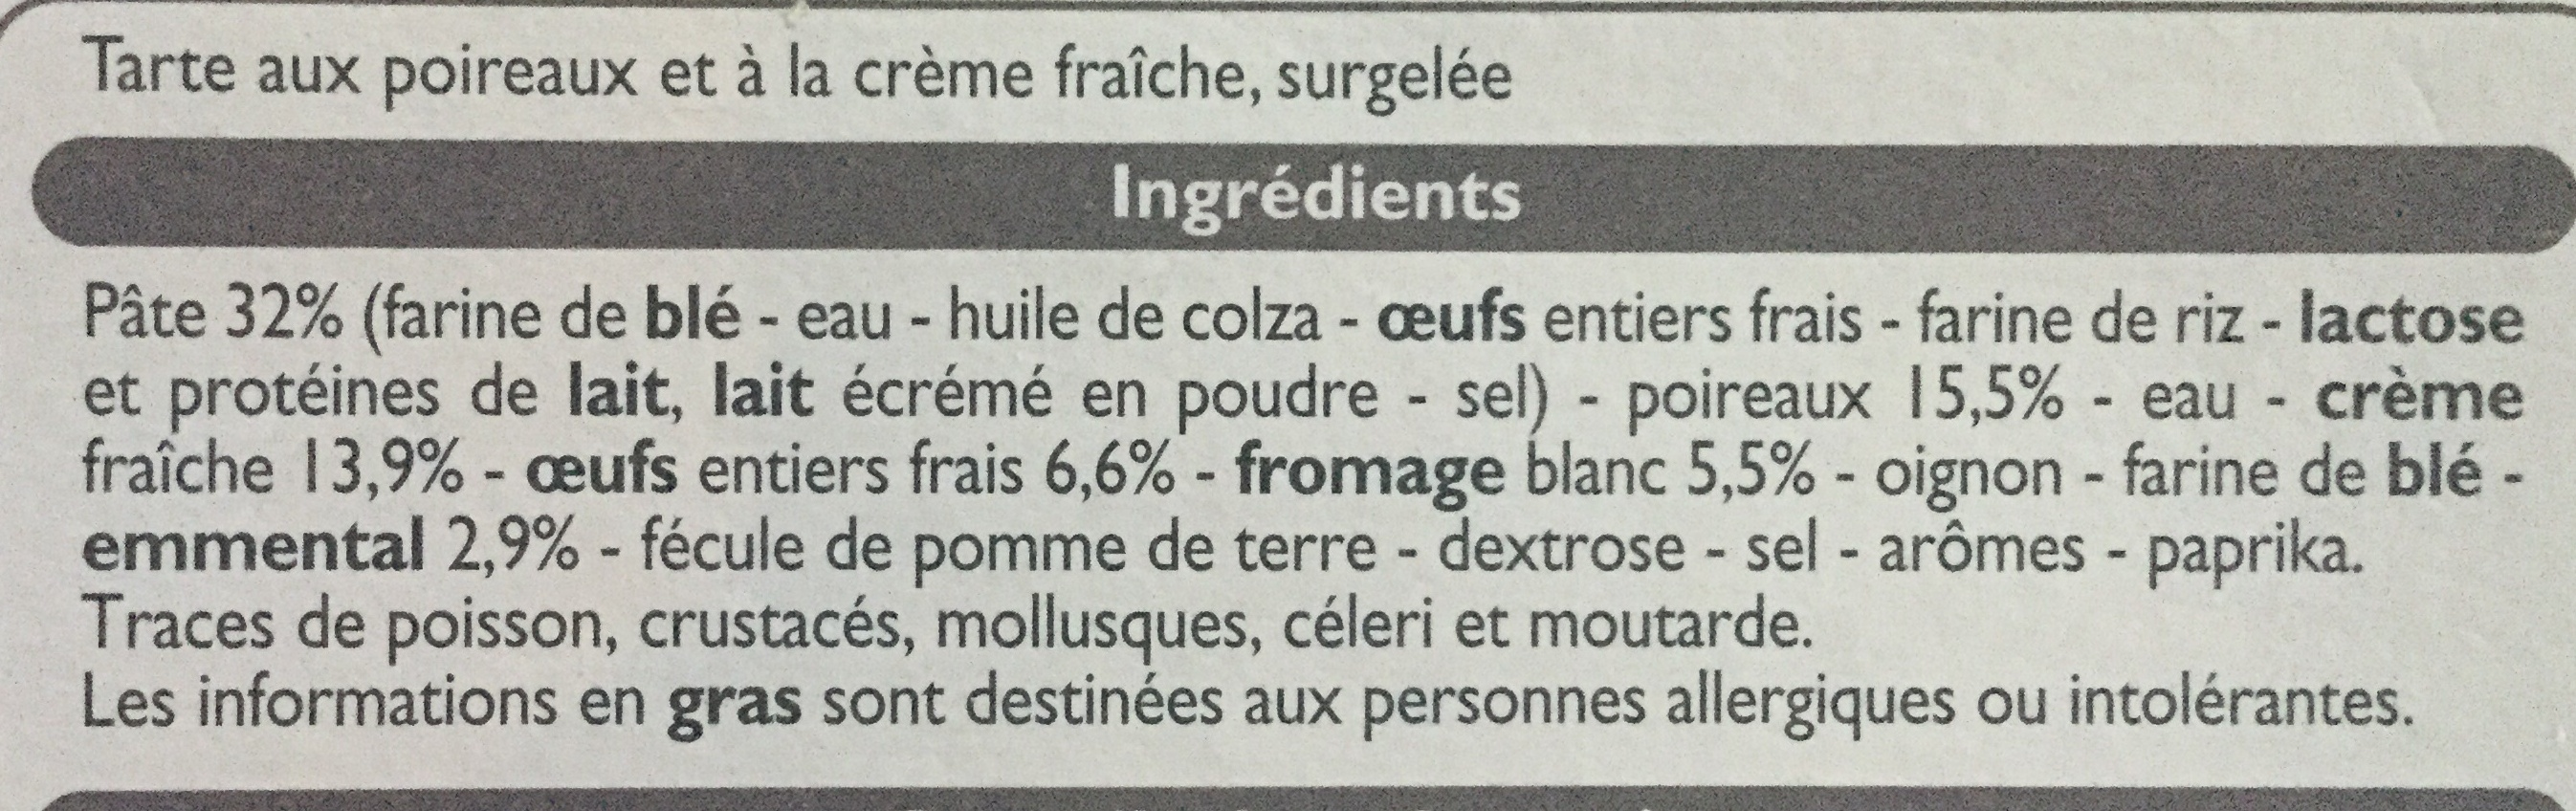 Tarte poireaux crème fraîche - Ingredients - fr